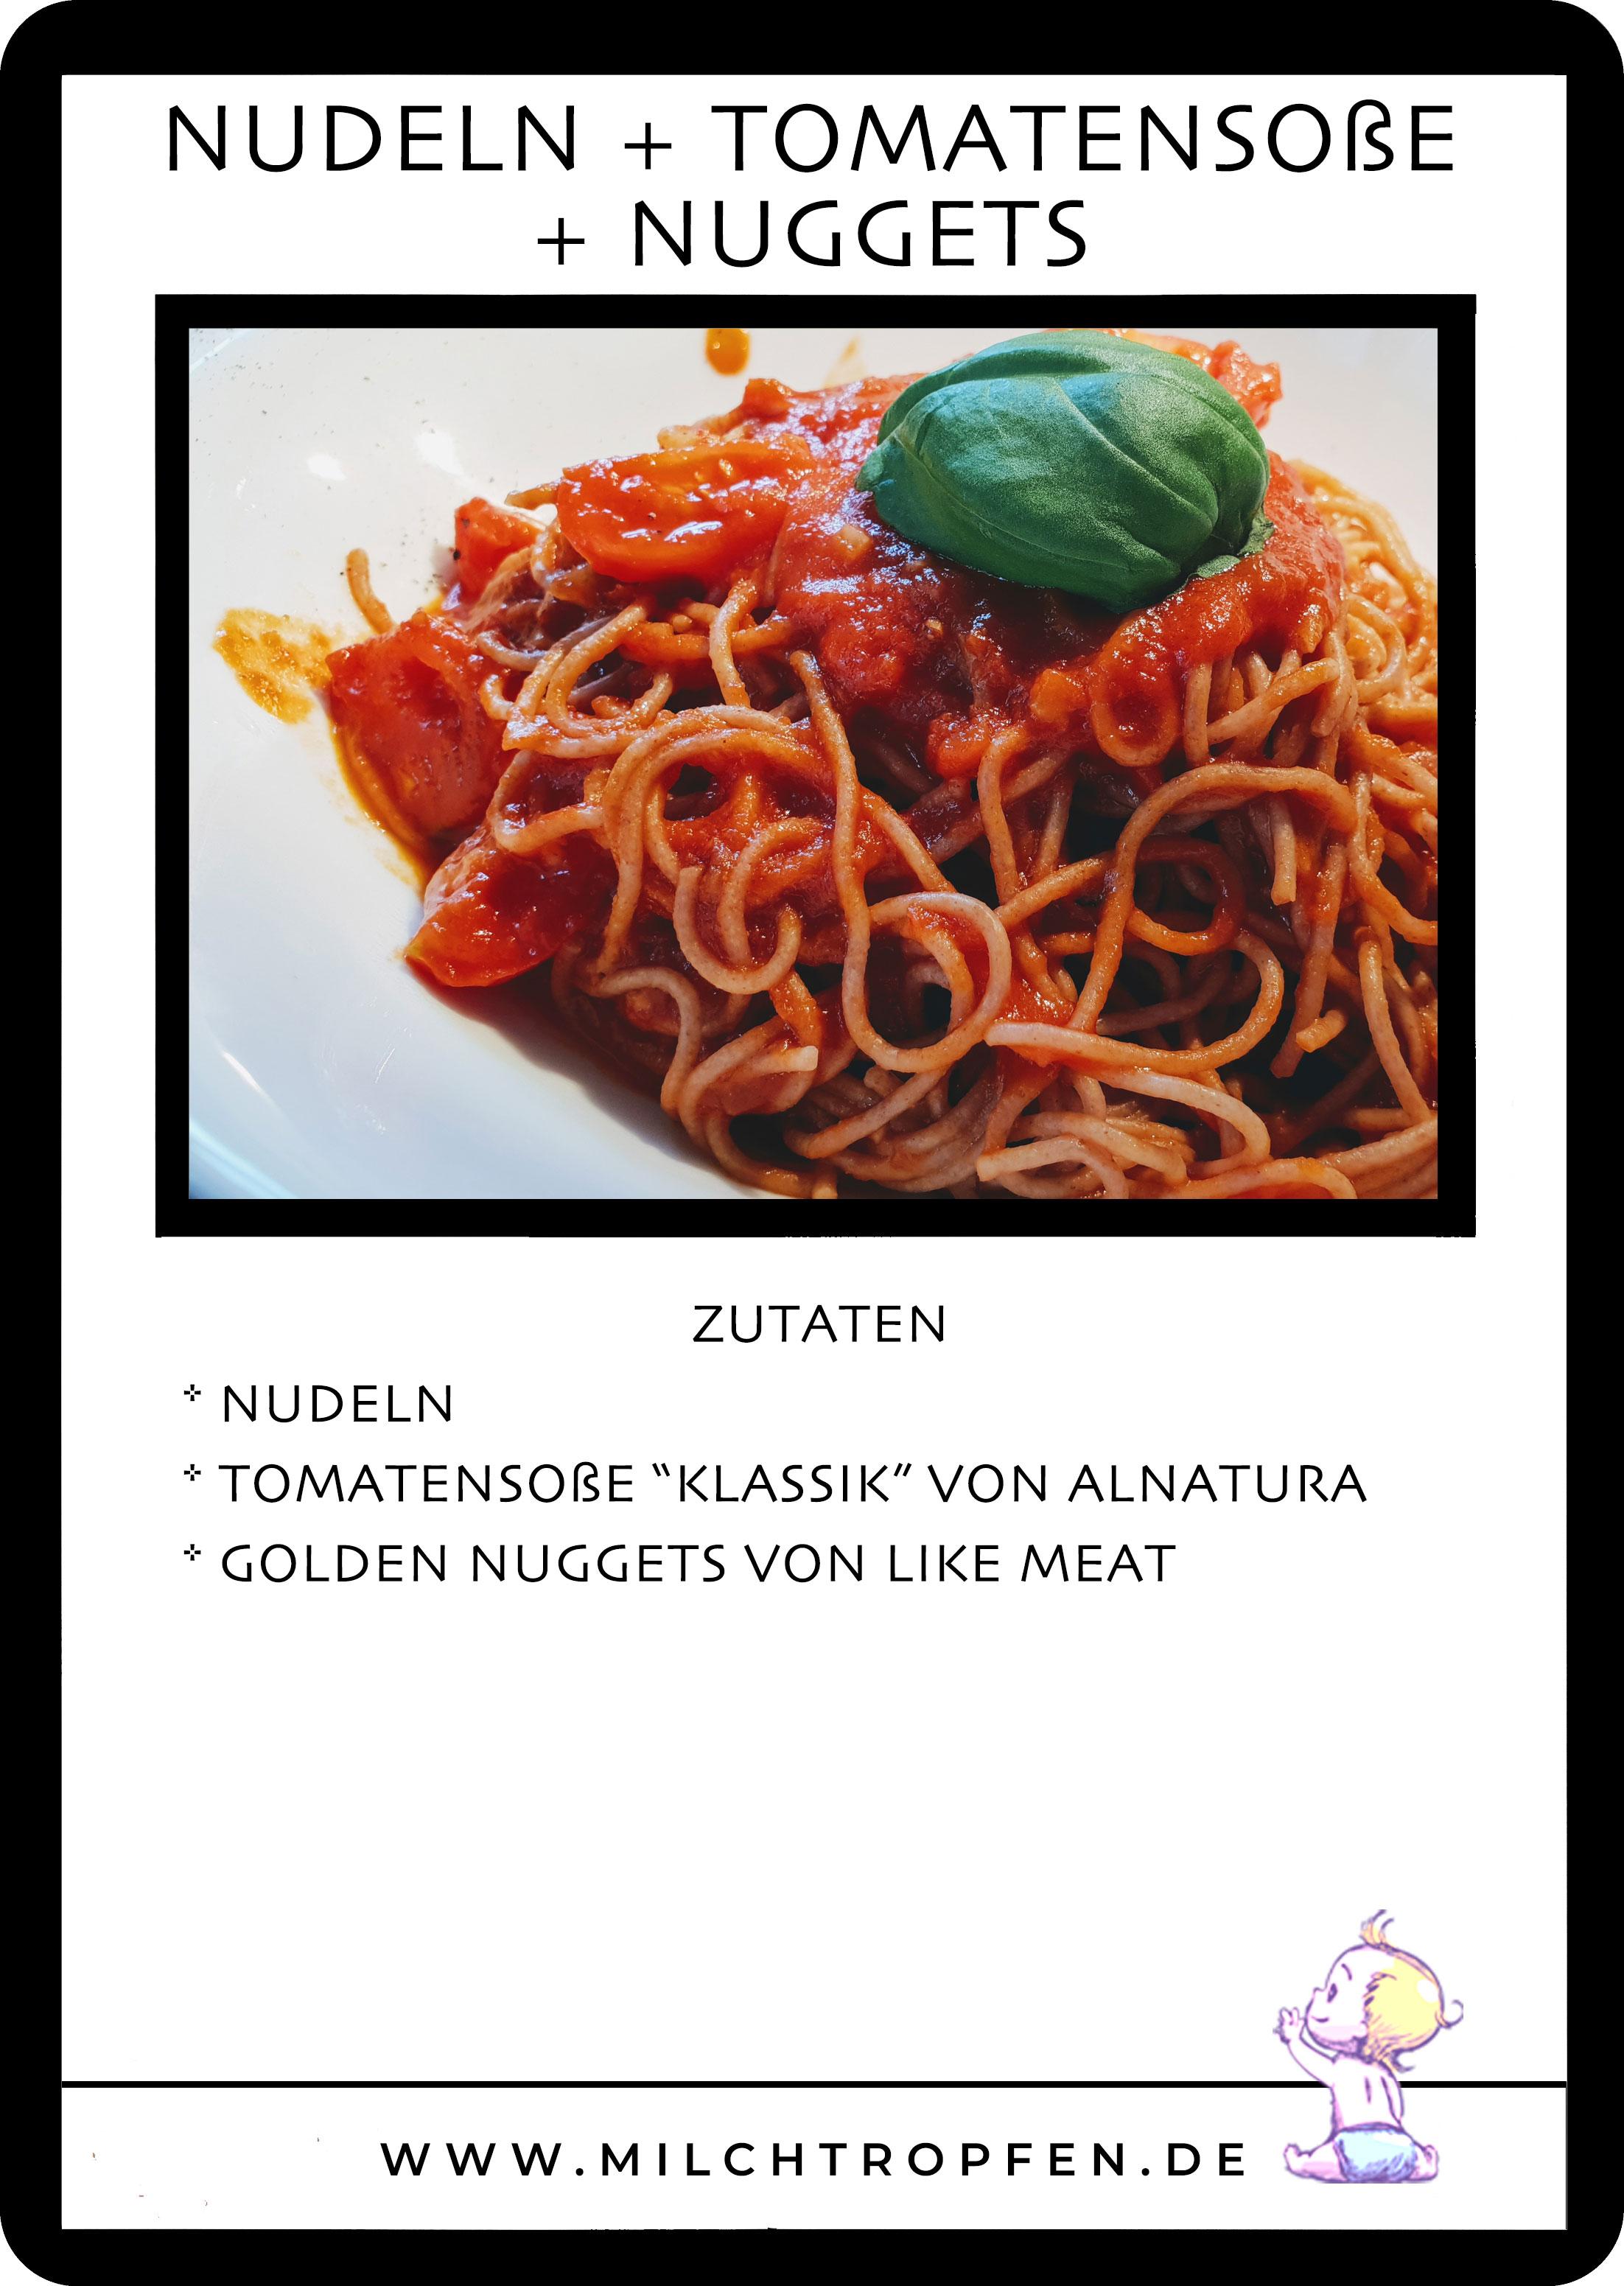 Nudeln mit Tomatensauce und Golden Nuggets von Like Meat | Mehr Infos auf www.milchtropfen.de